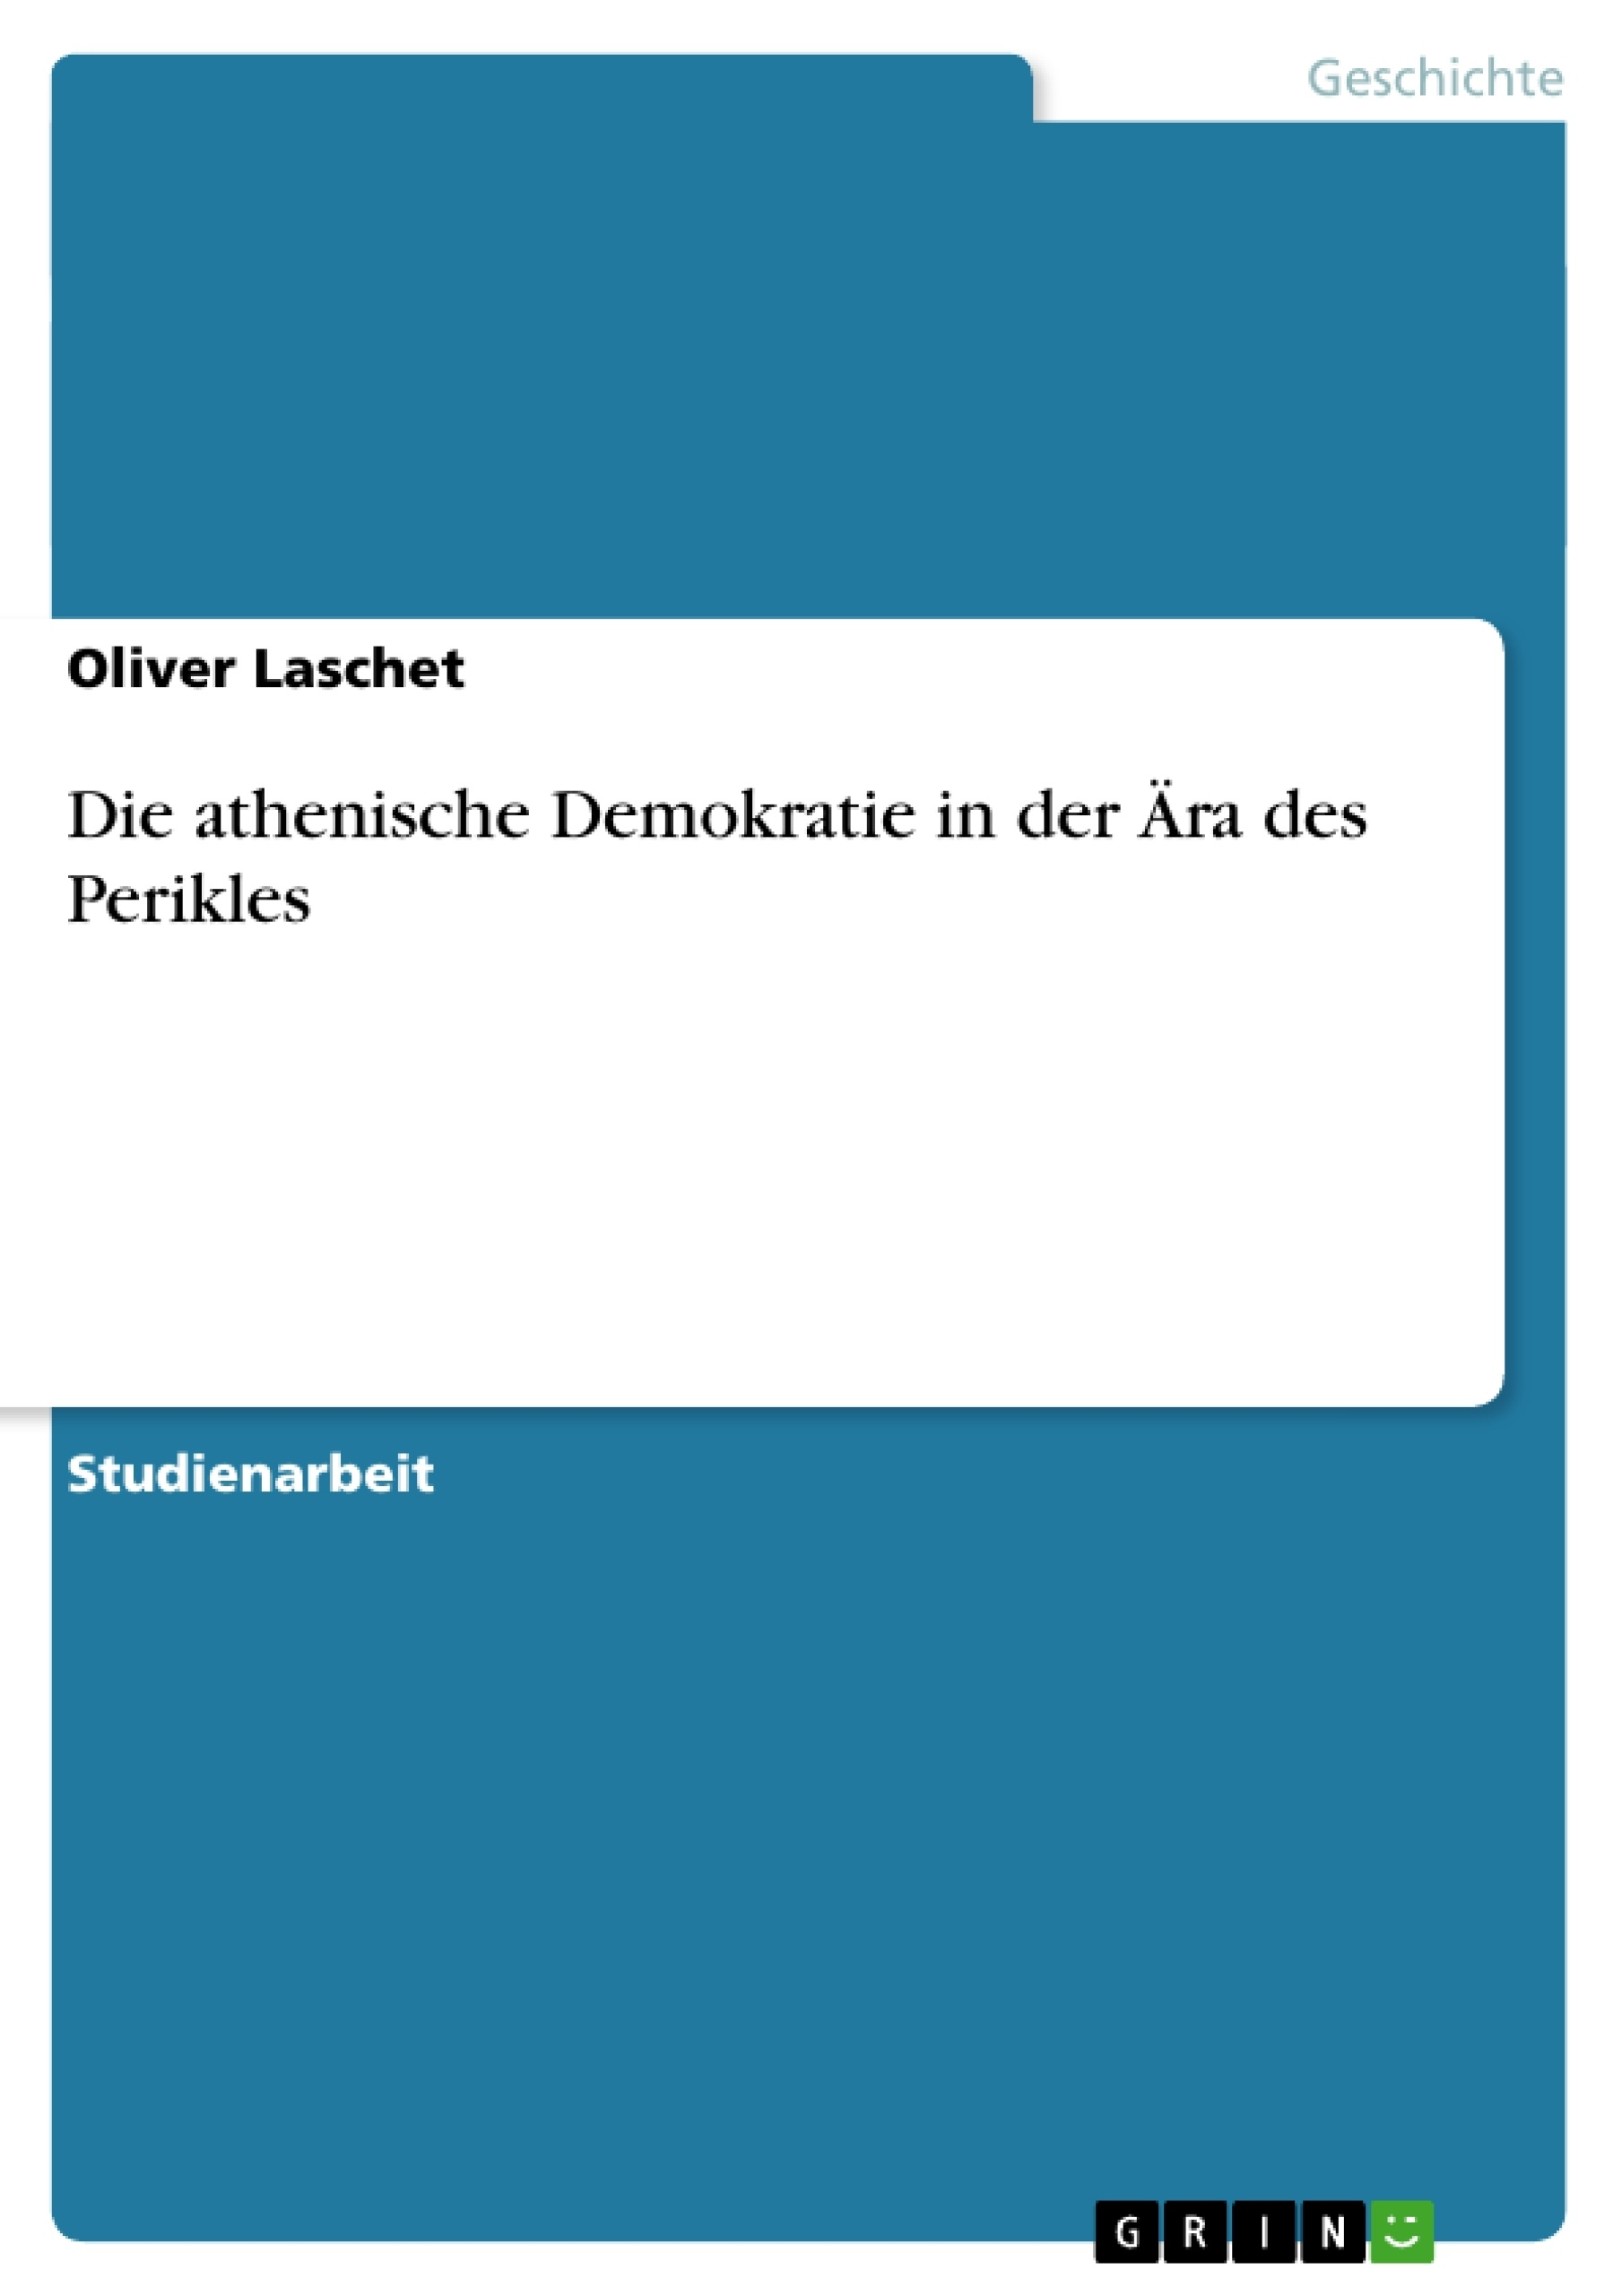 Titel: Die athenische Demokratie in der Ära des Perikles